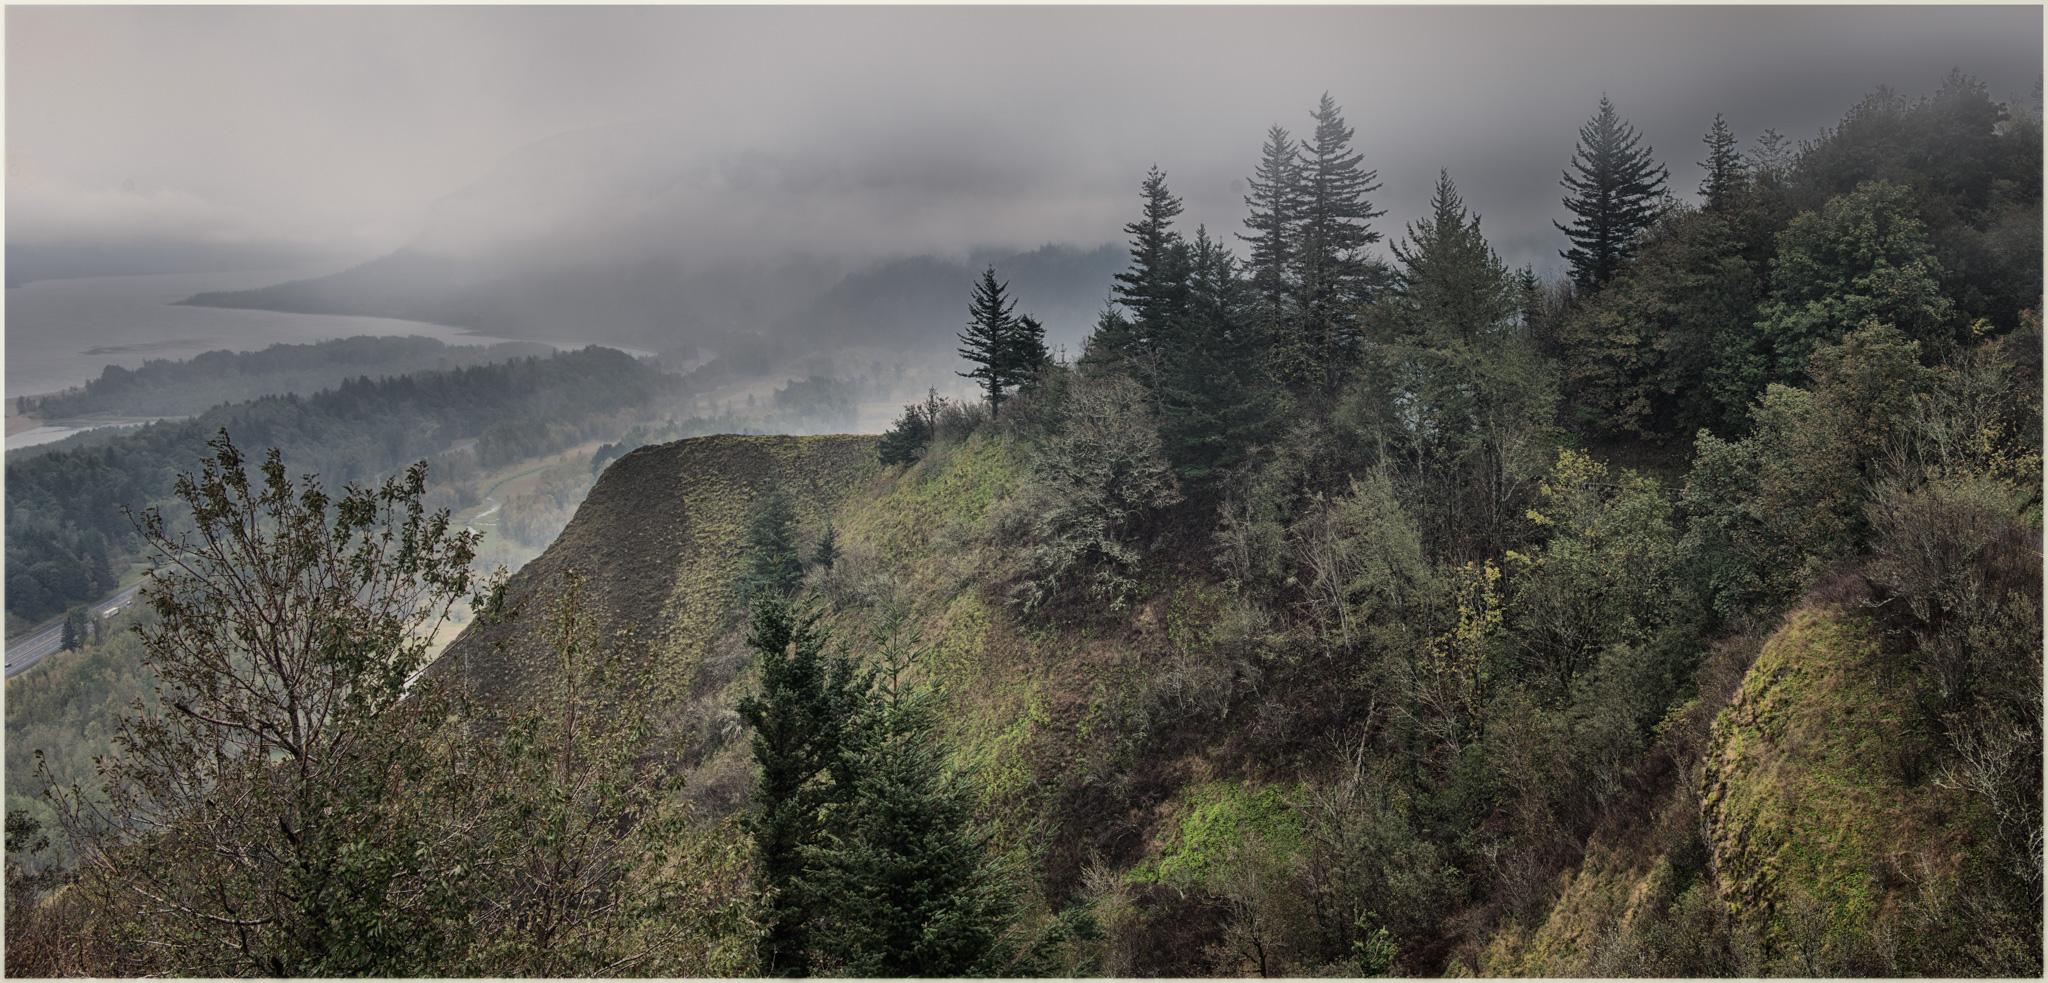 Vista House view, USA